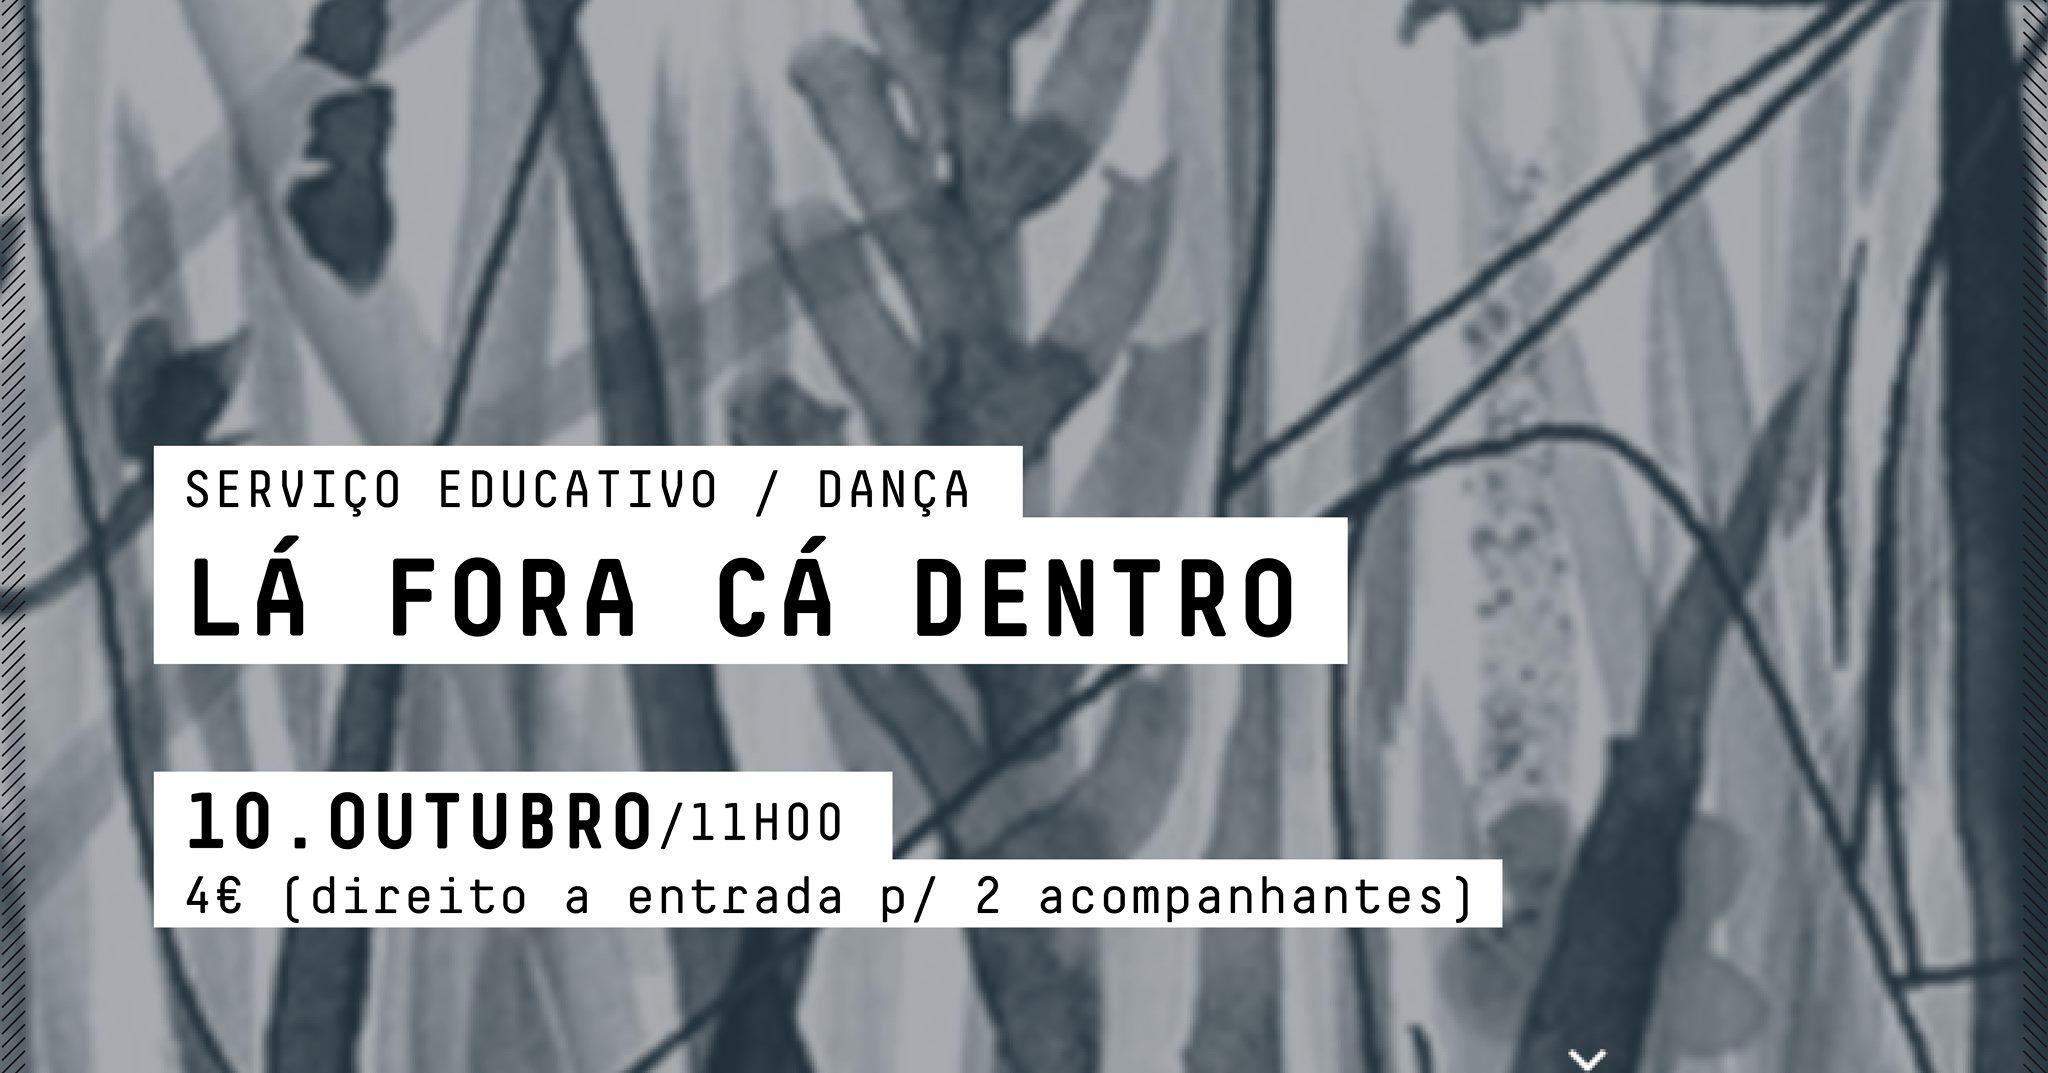 LÁ FORA CÁ DENTRO -  SERVIÇO EDUCATIVO / DANÇA